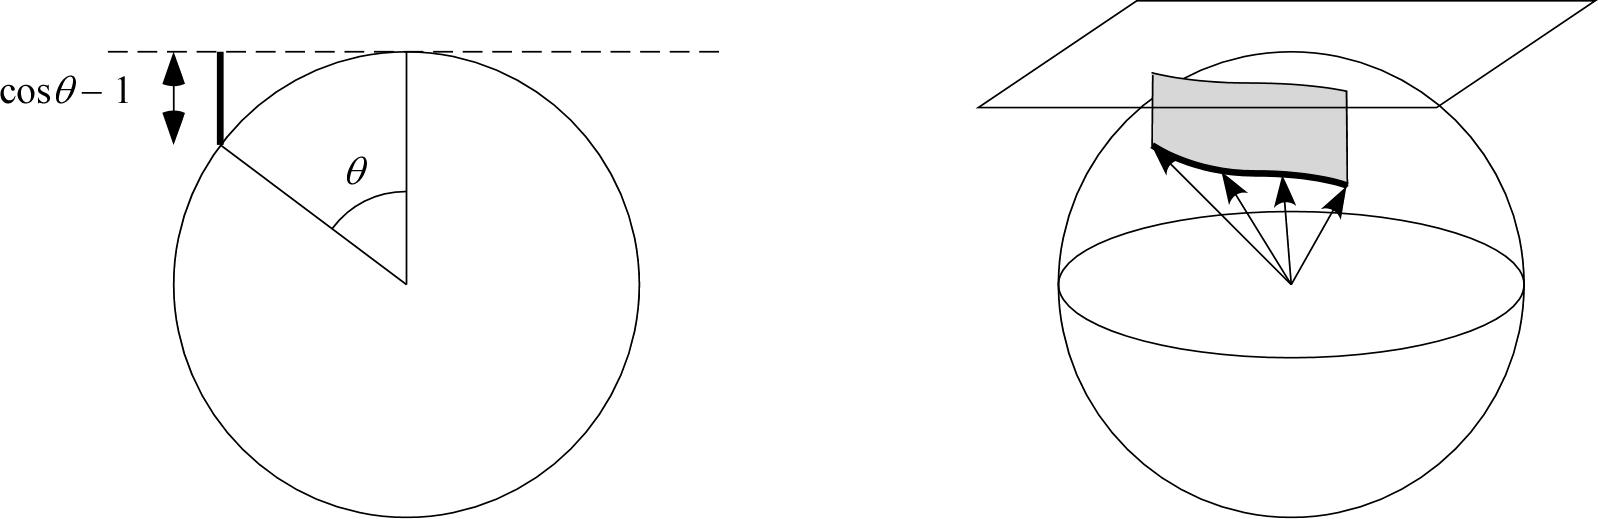 fig4-3_left.png